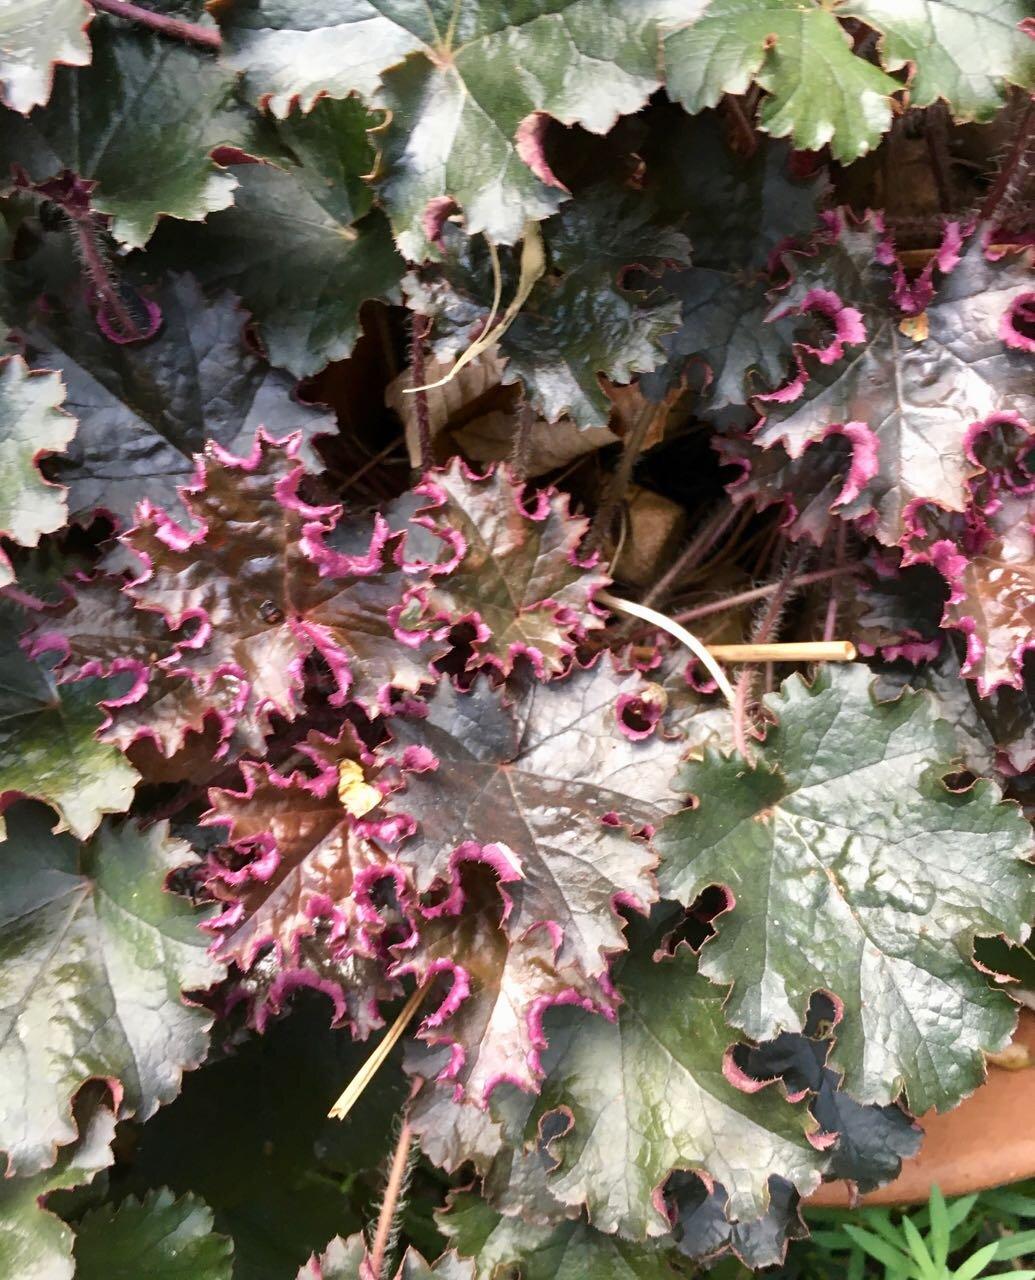 sunlight on purple leaves